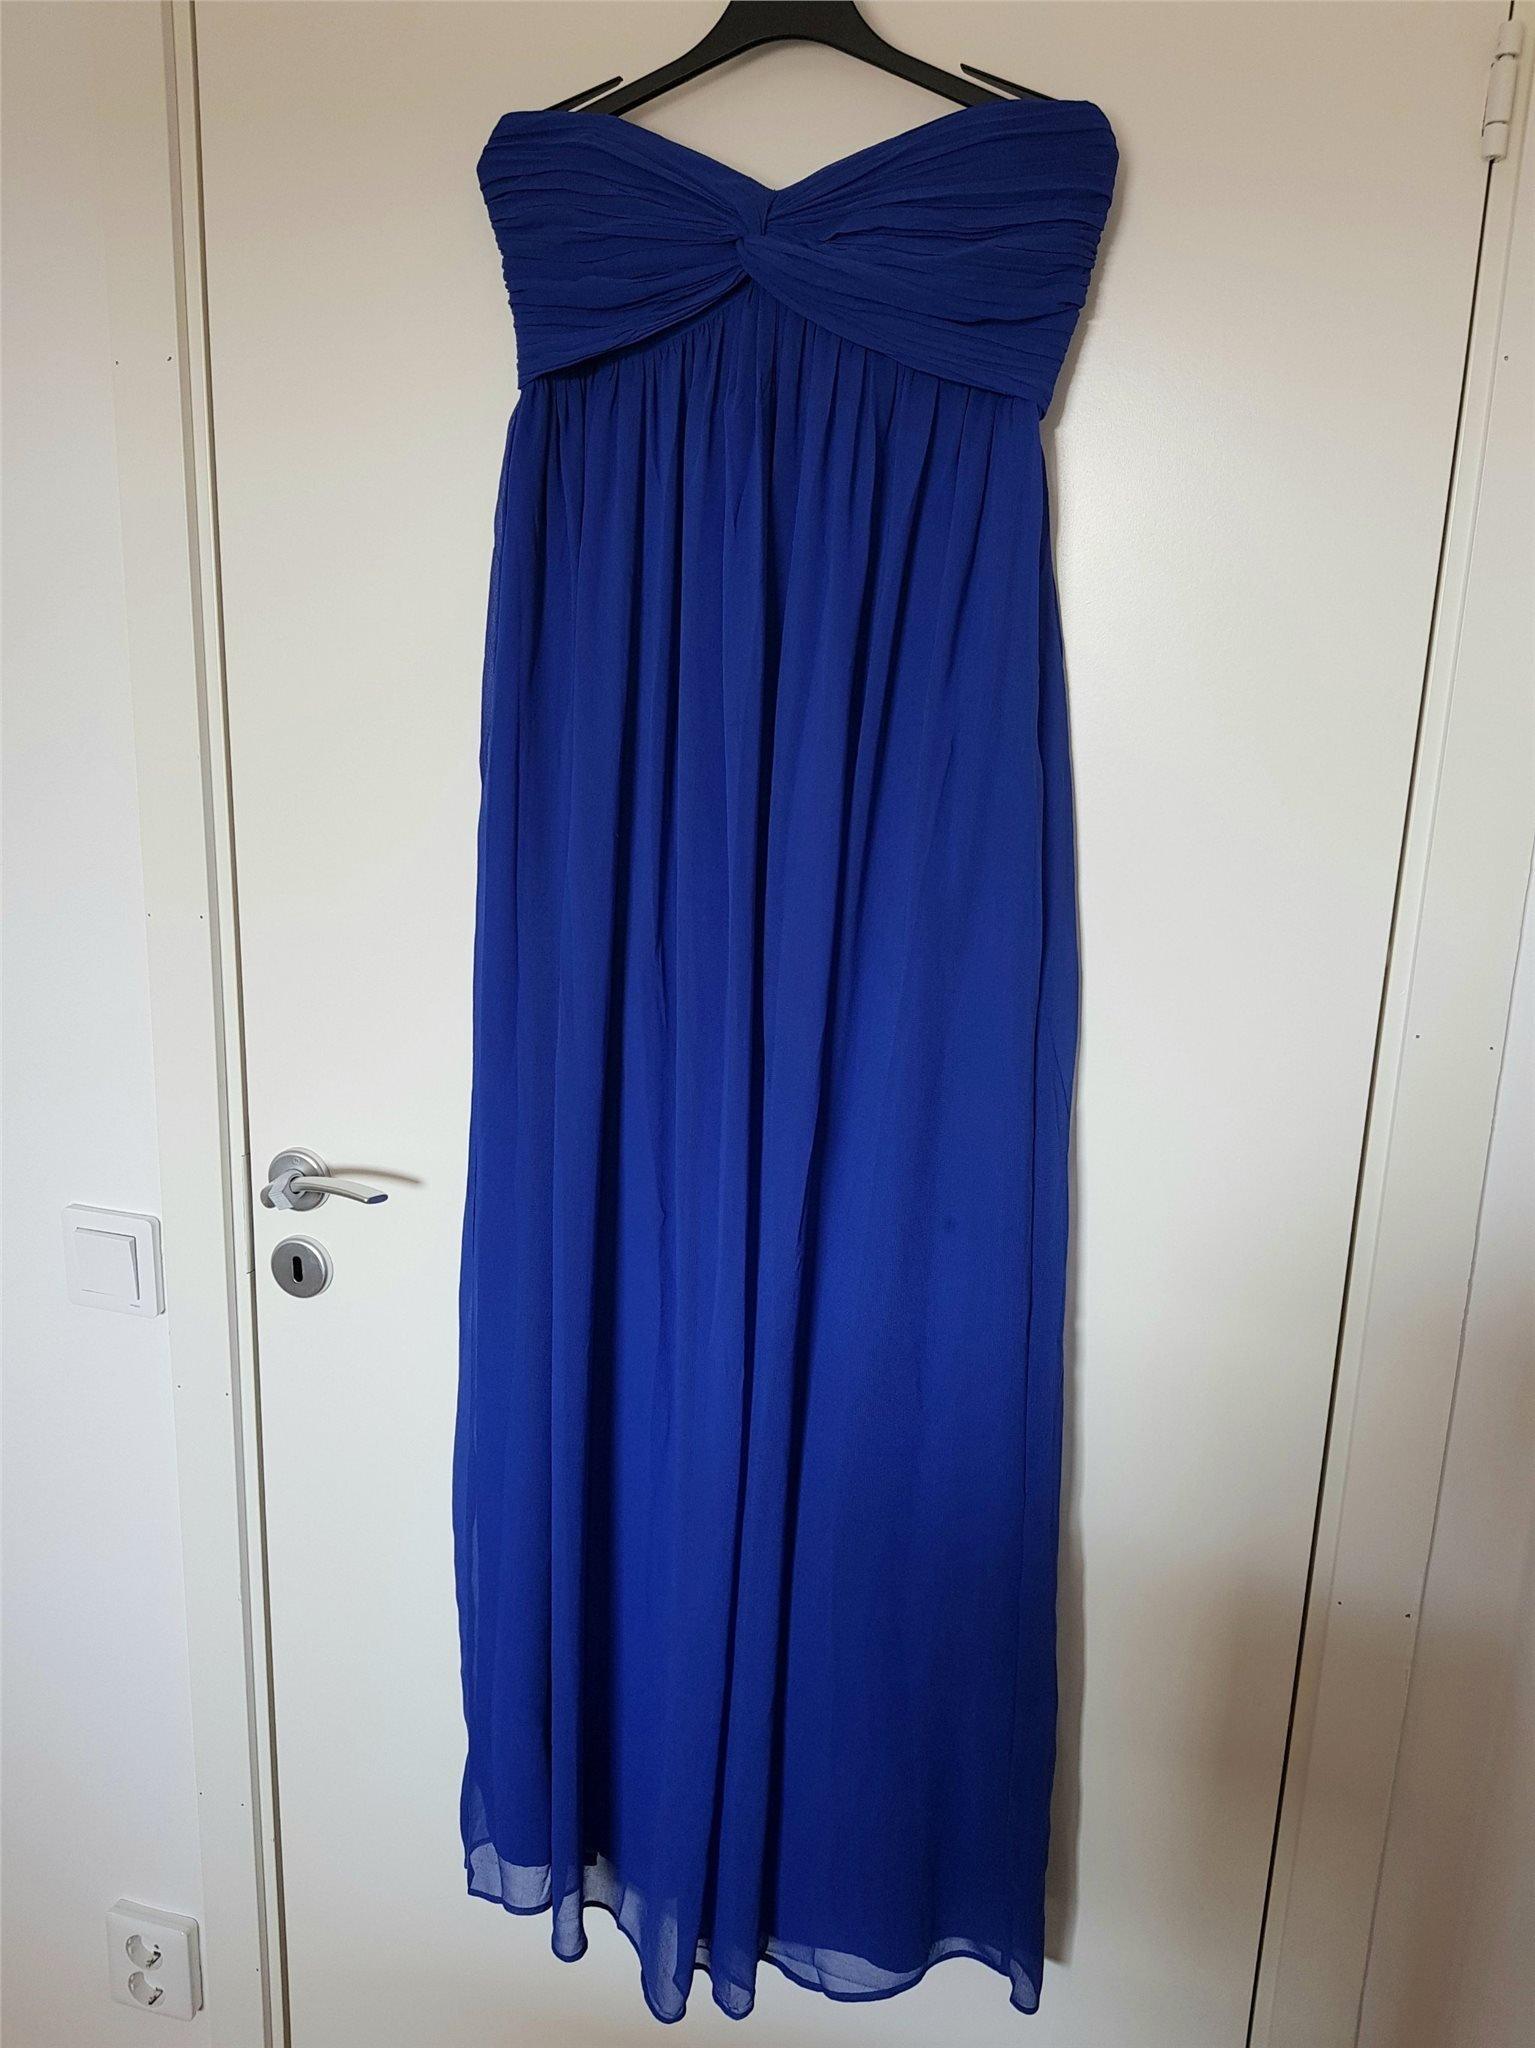 209261b4d26f Ny blå långklänning från Nelly NLY Trend storle.. (347799668) ᐈ Köp ...